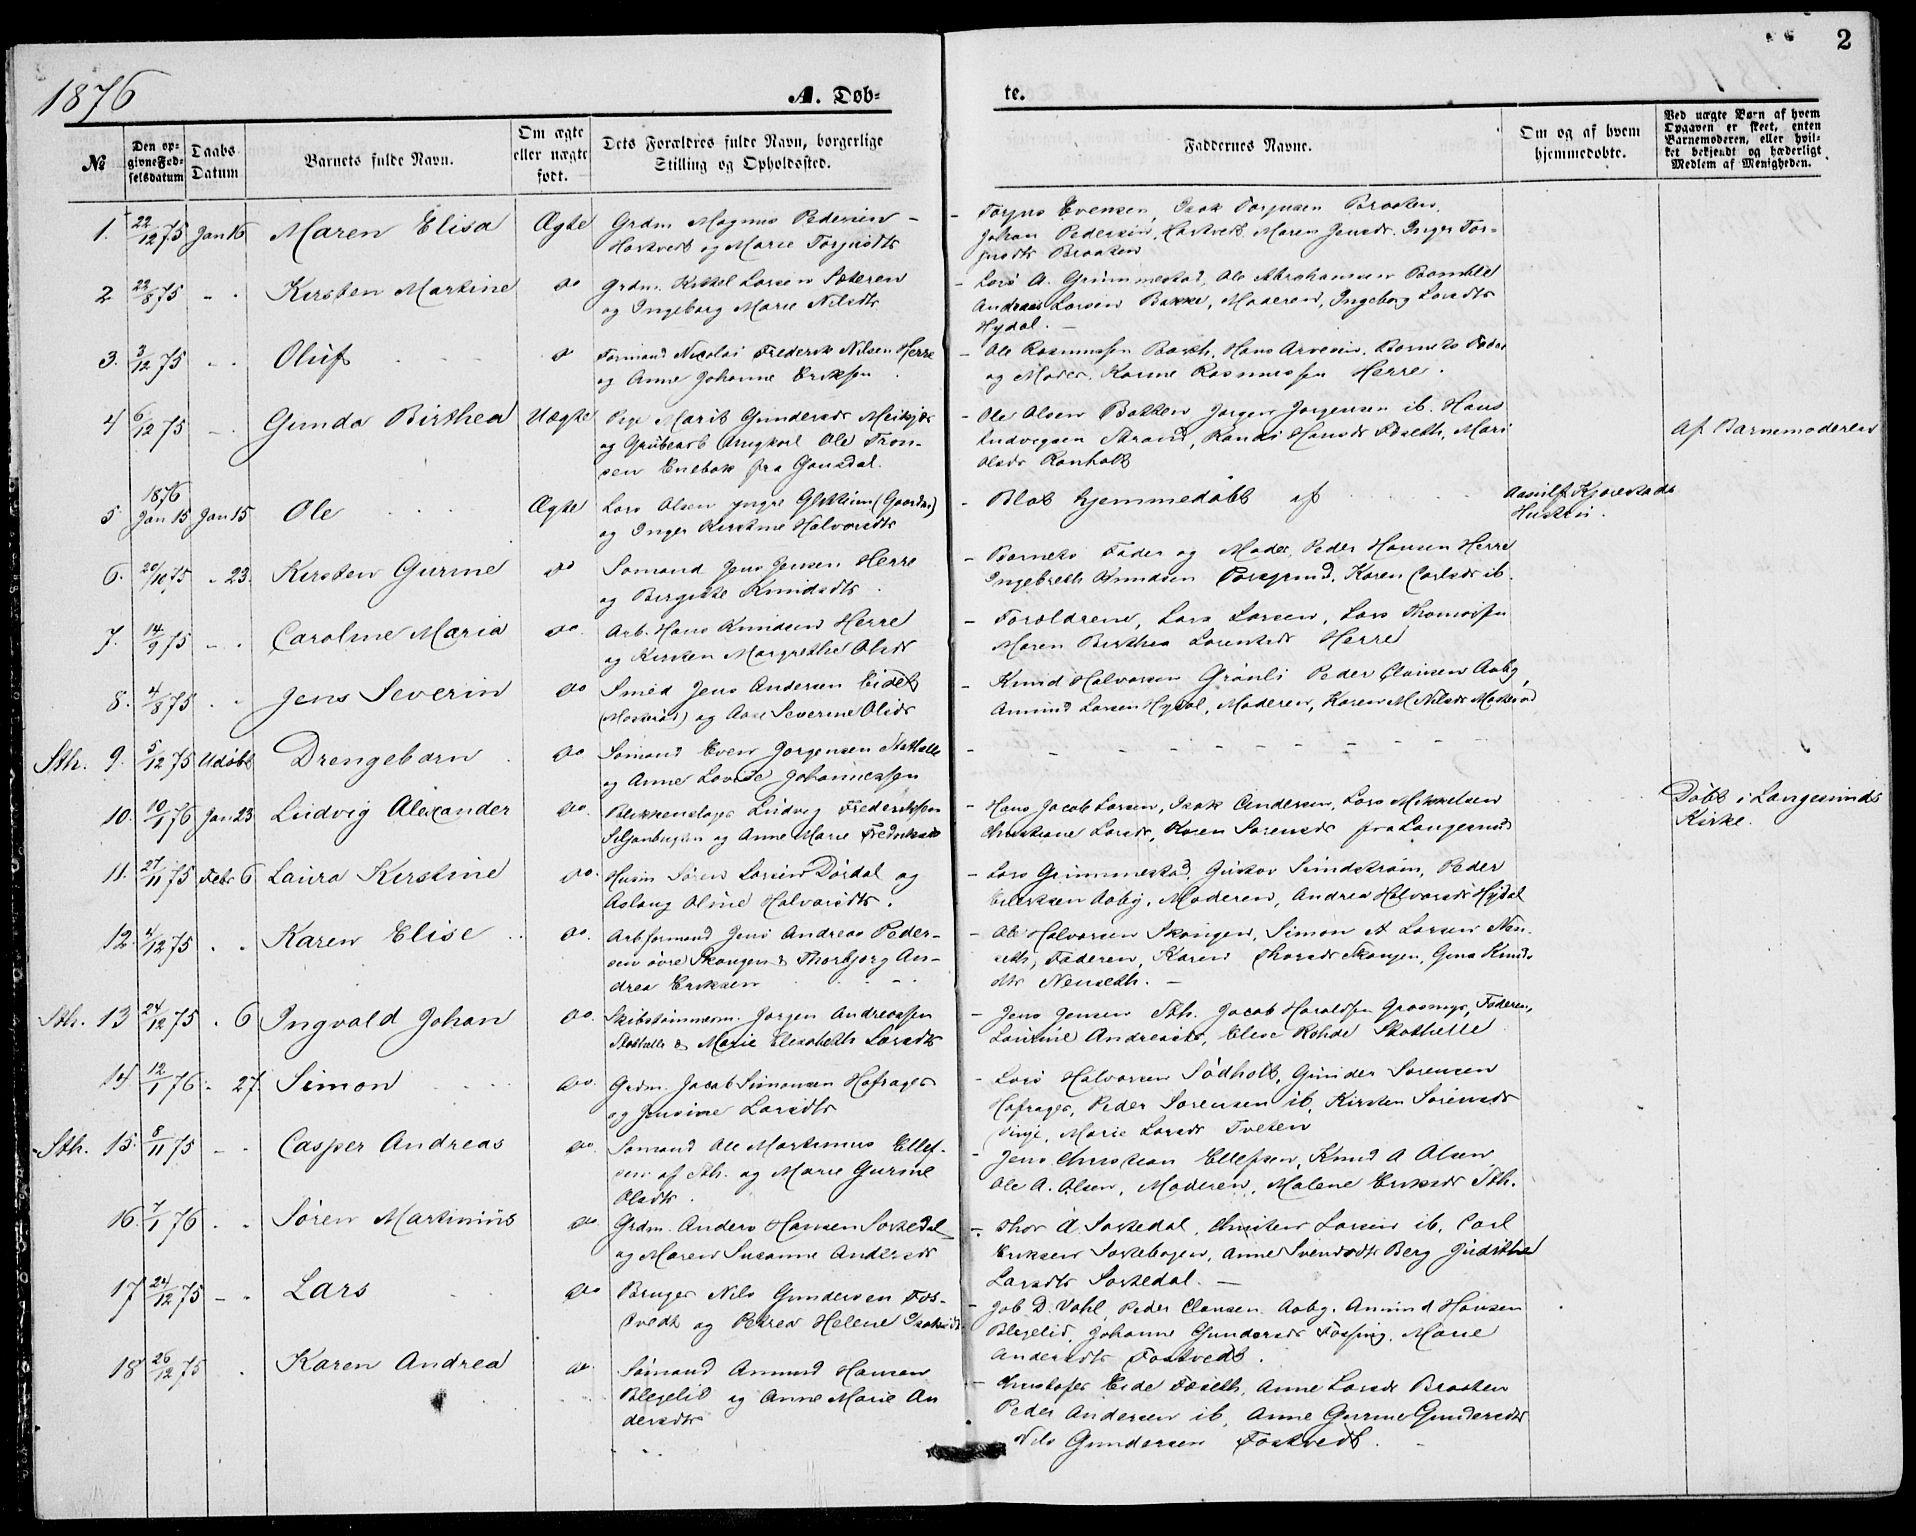 SAKO, Bamble kirkebøker, G/Ga/L0007: Klokkerbok nr. I 7, 1876-1877, s. 2